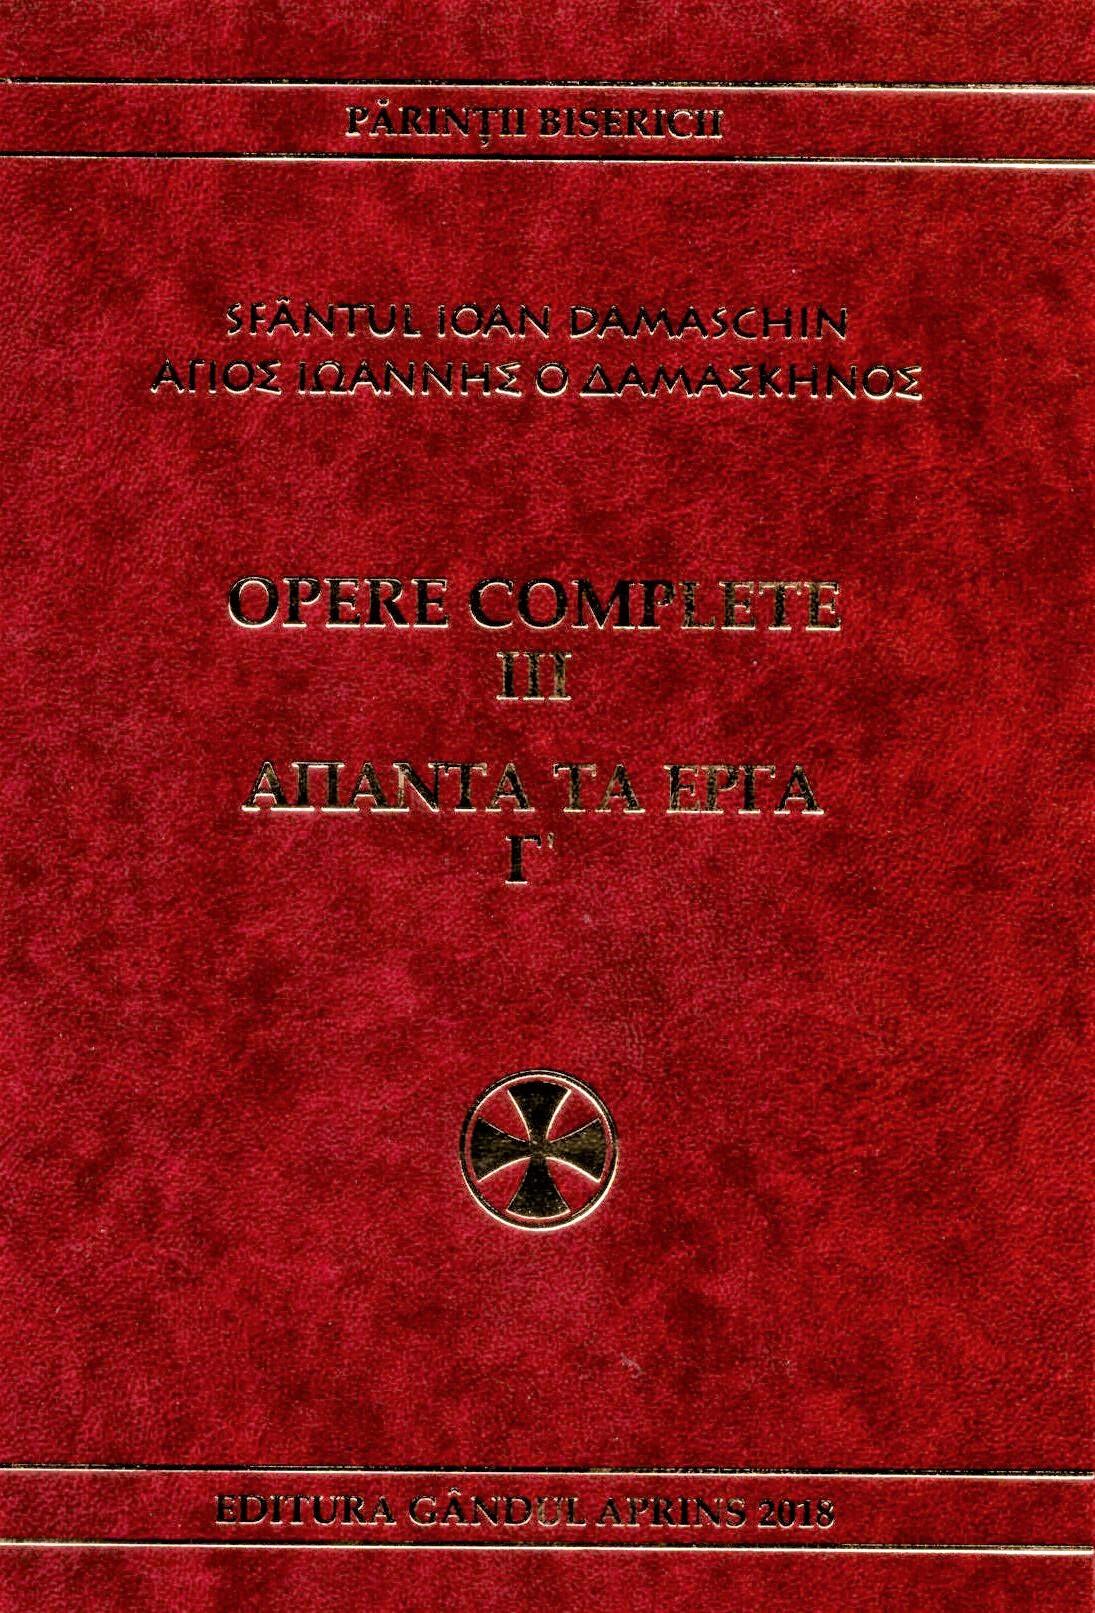 Sfantul Ioan Damaschin Opere complete vol 3 Opere polemice I